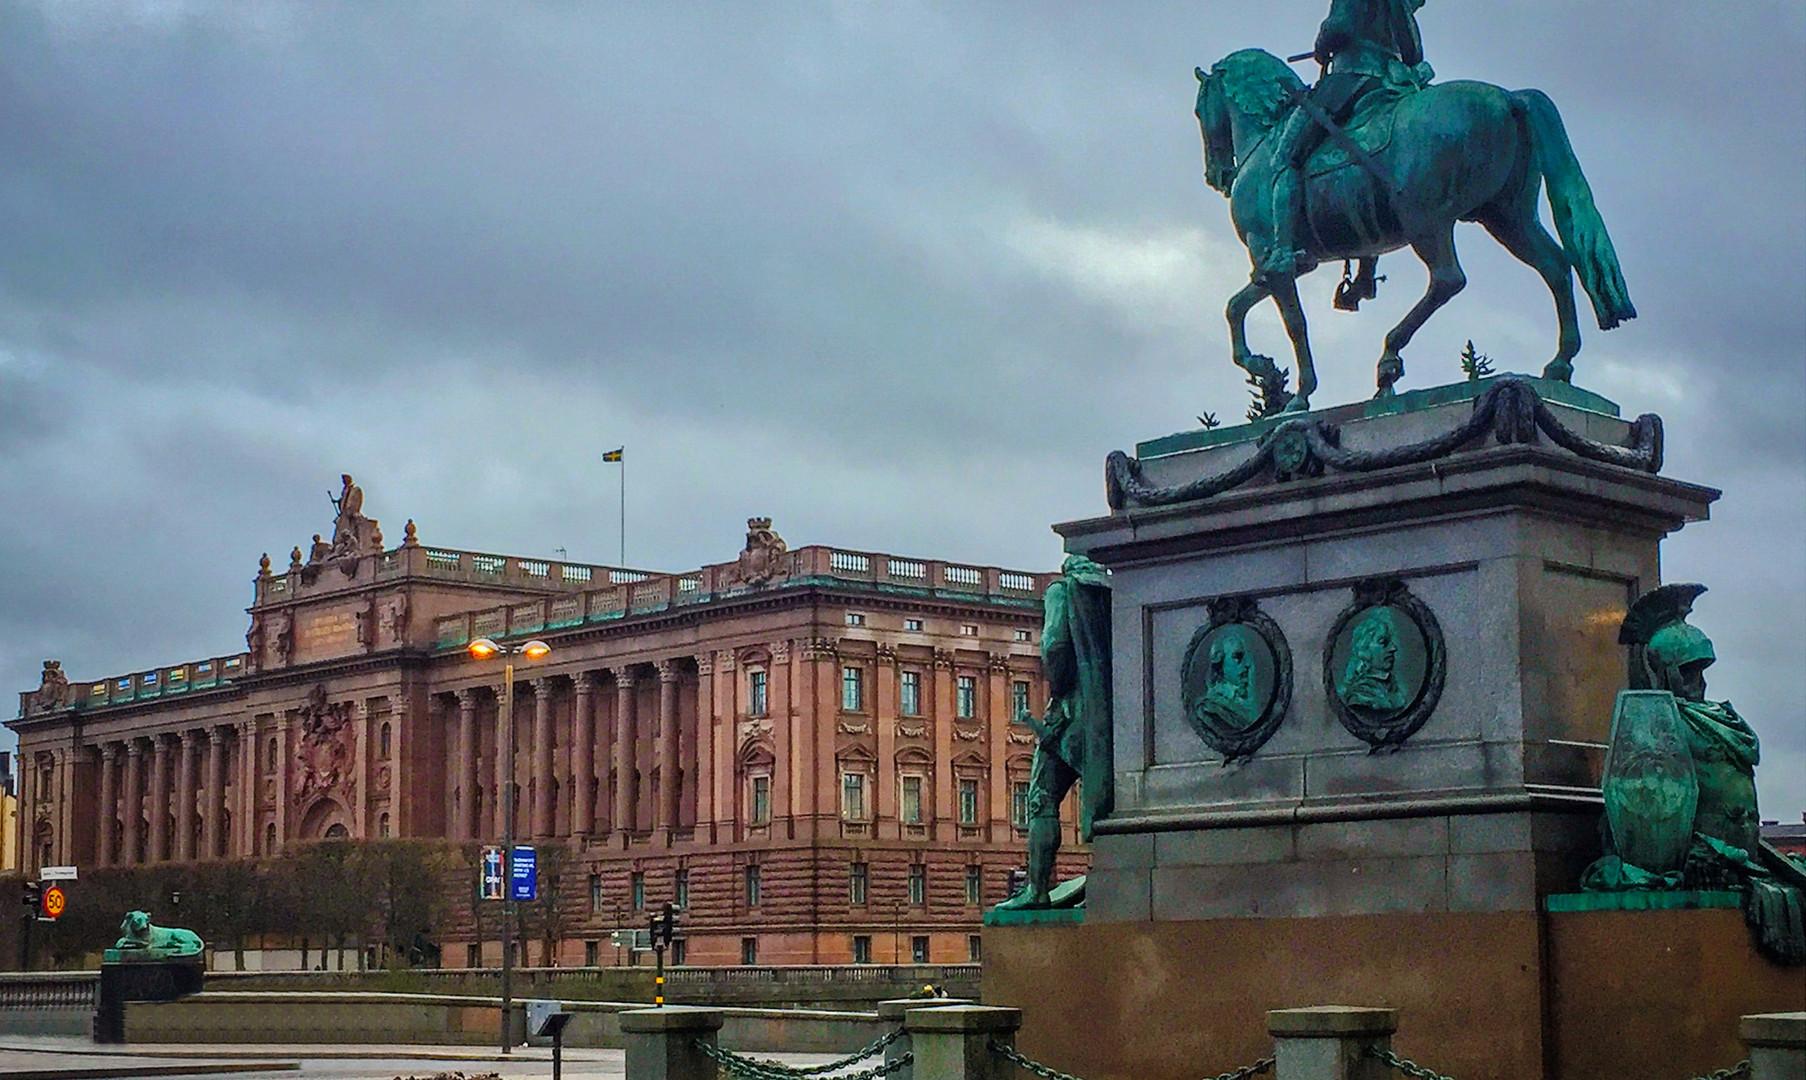 Площадь Густава Адольфа, Стокгольм